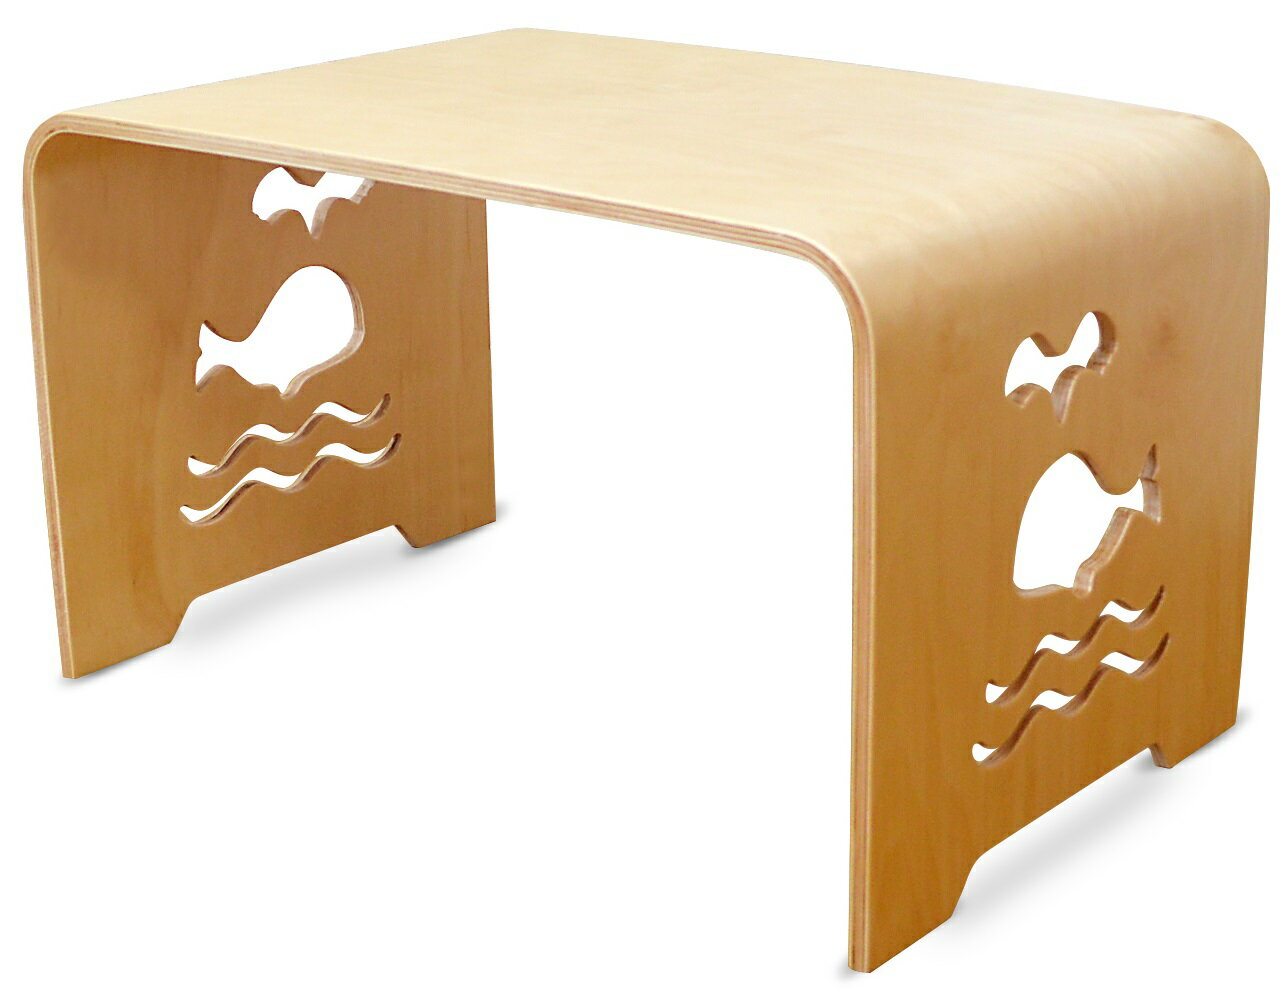 MAMENCHI サイズ大き目な子供用木製テーブル クジラ ナチュラル 組立不要で届いてからすぐに使用ができます。(サイズ:長60×幅38×高さ35cm)テーブルセット子供机 ファースト家具 学習デスク 木製テーブル 机 幼児机 キッズテーブル